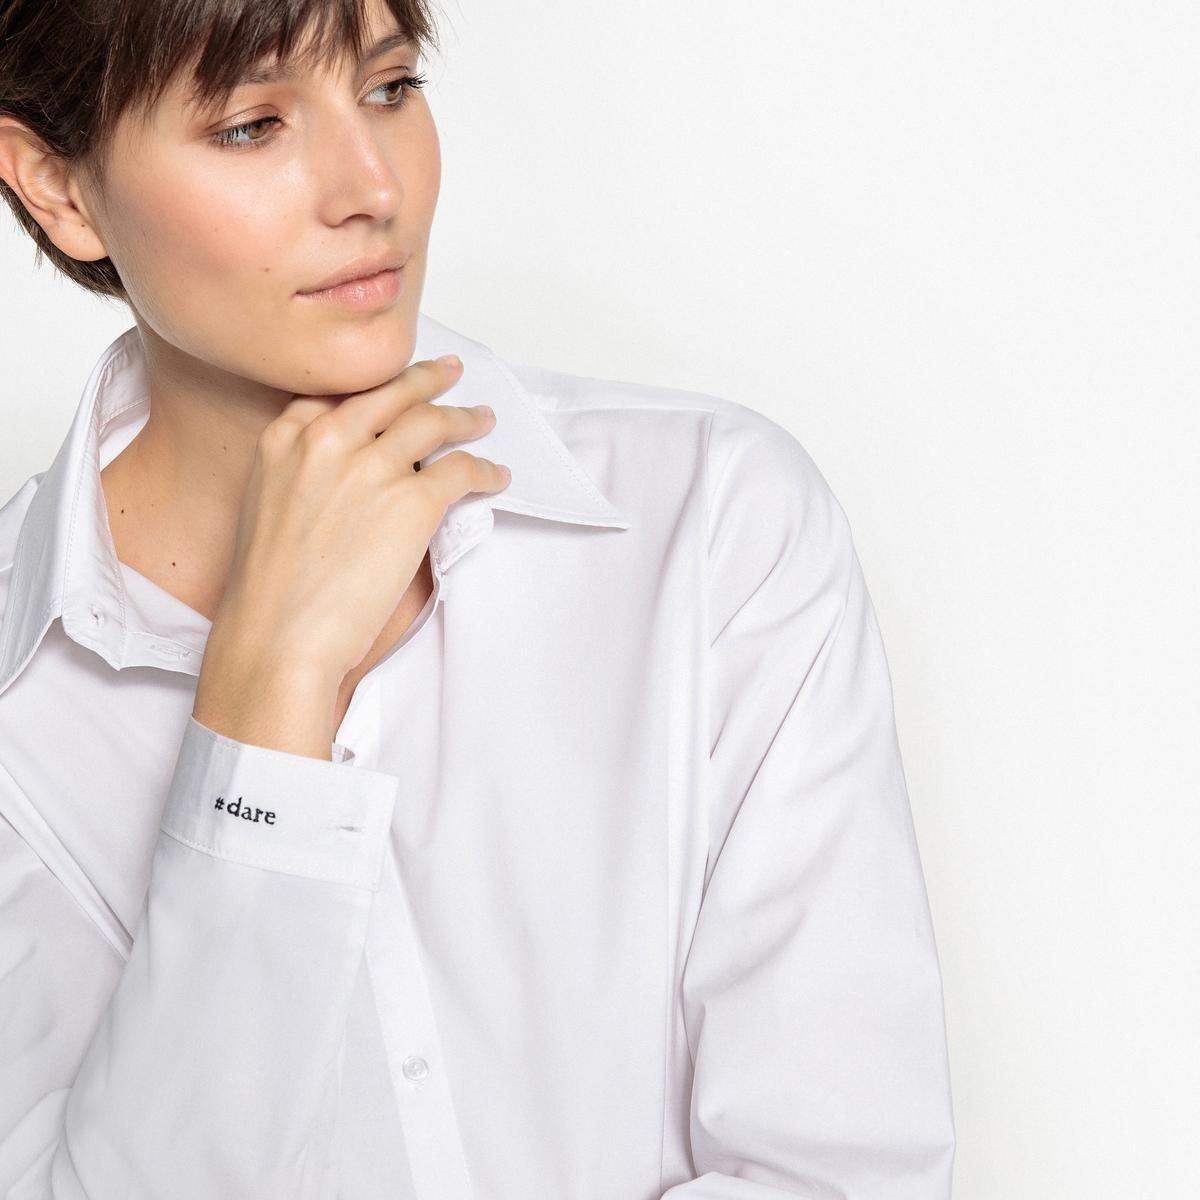 где купить Рубашка с вышивкой #dare на манжете по лучшей цене